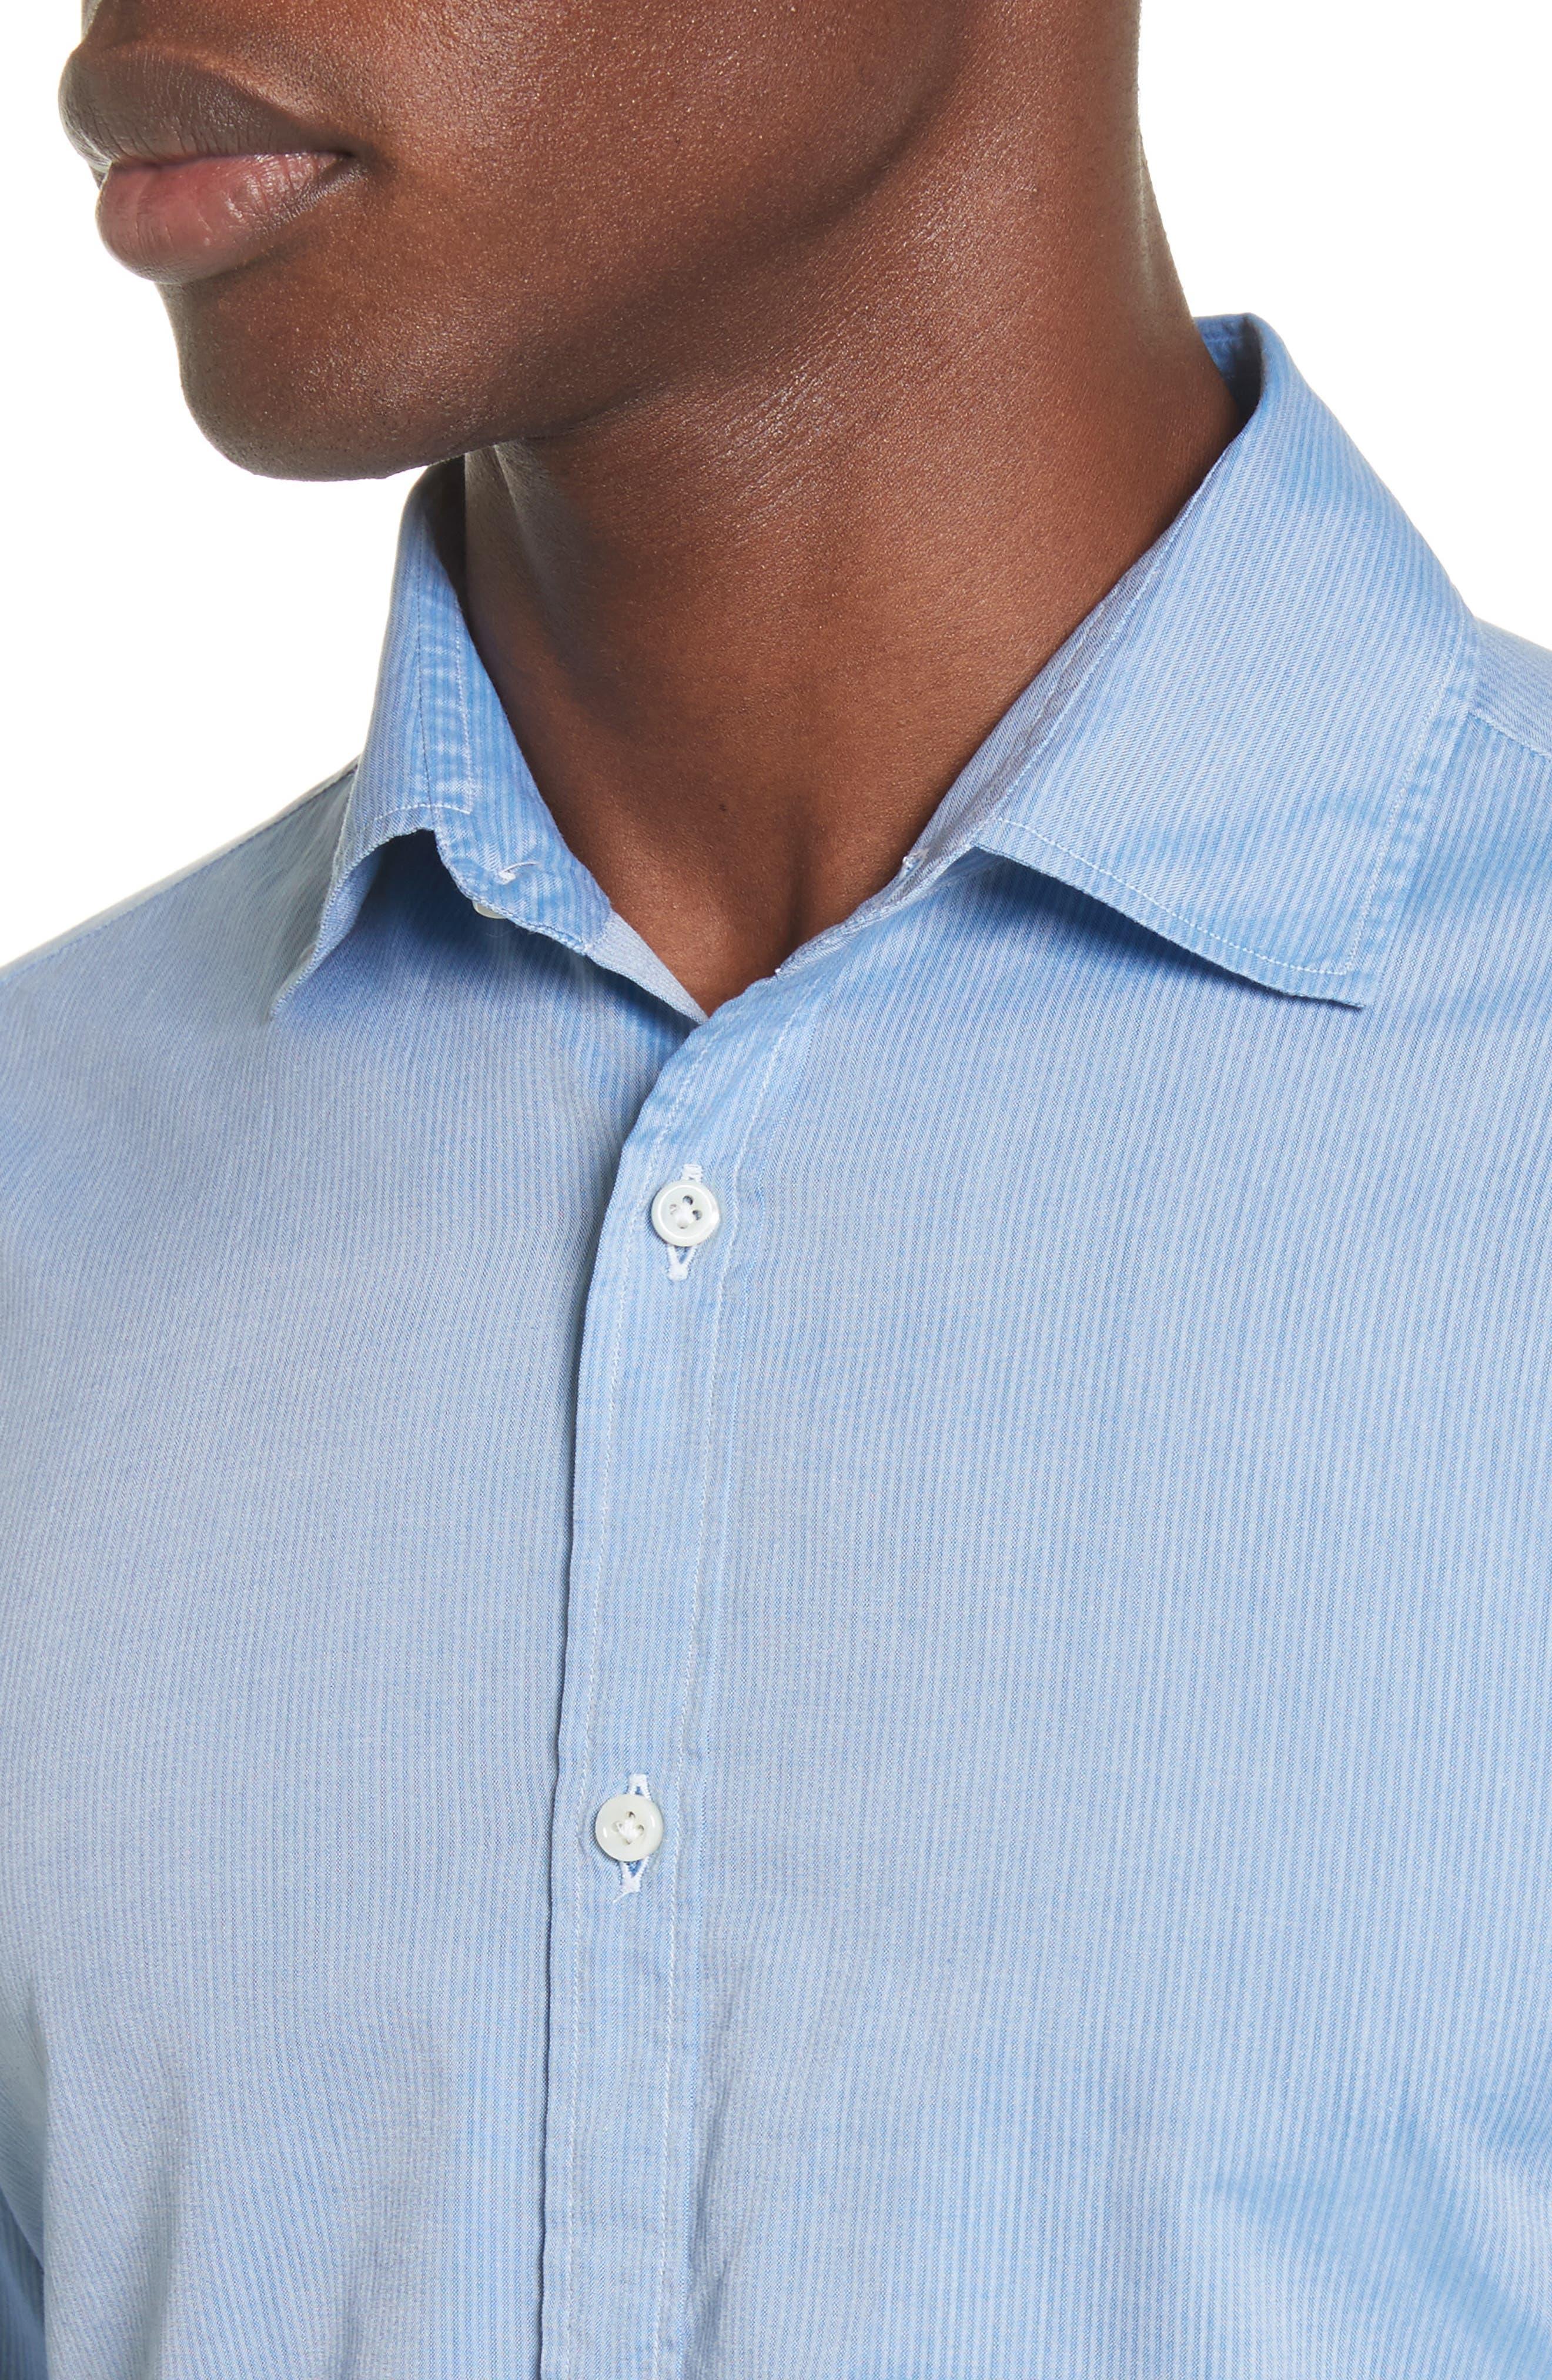 Napoli JB Washed Stripe Sport Shirt,                             Alternate thumbnail 4, color,                             400